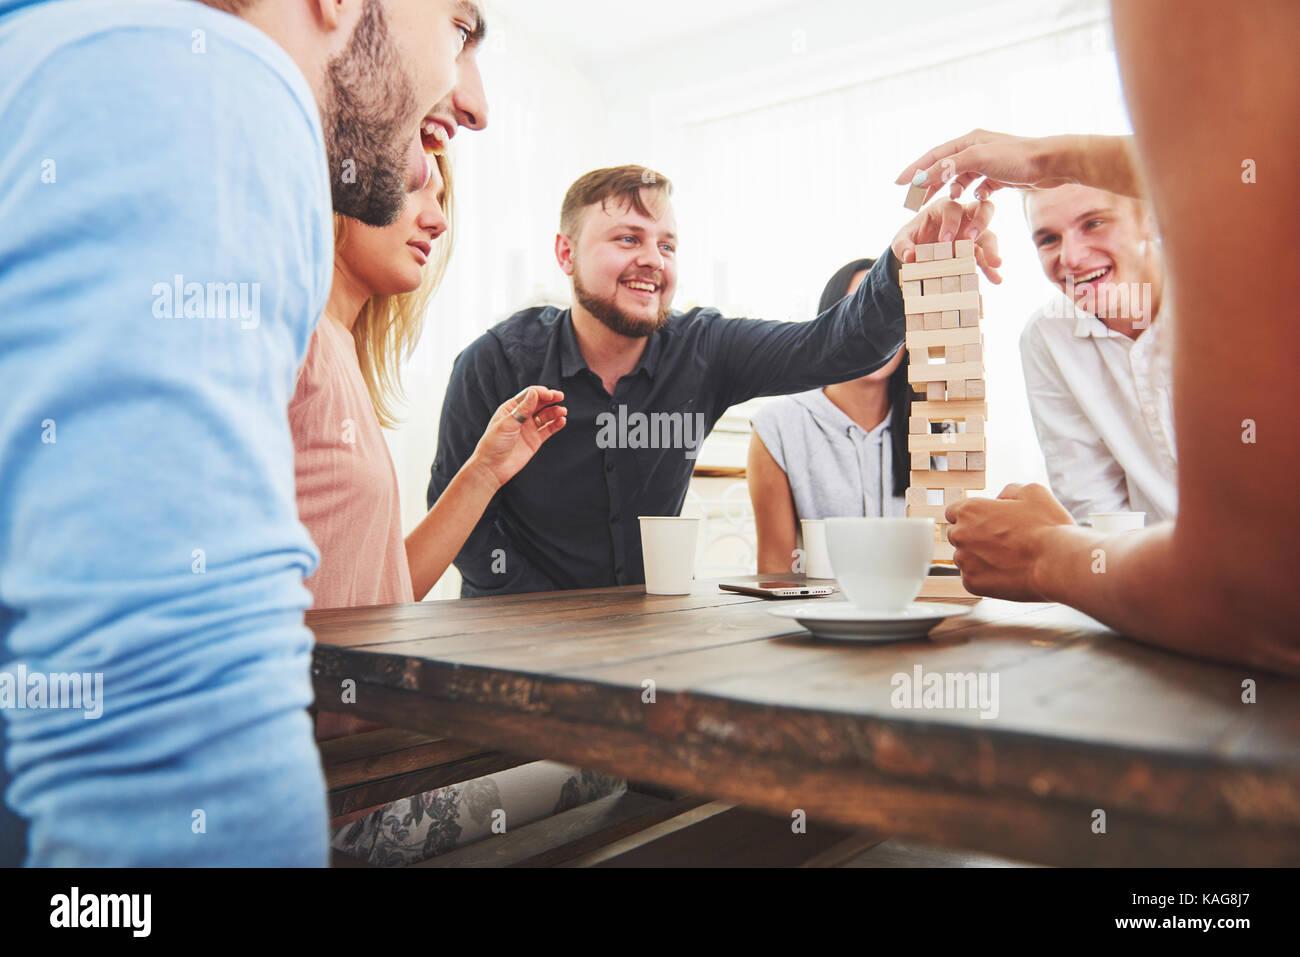 Groupe d'amis créatifs assis à table en bois. Les gens s'amuser tout en jouant jeu Photo Stock